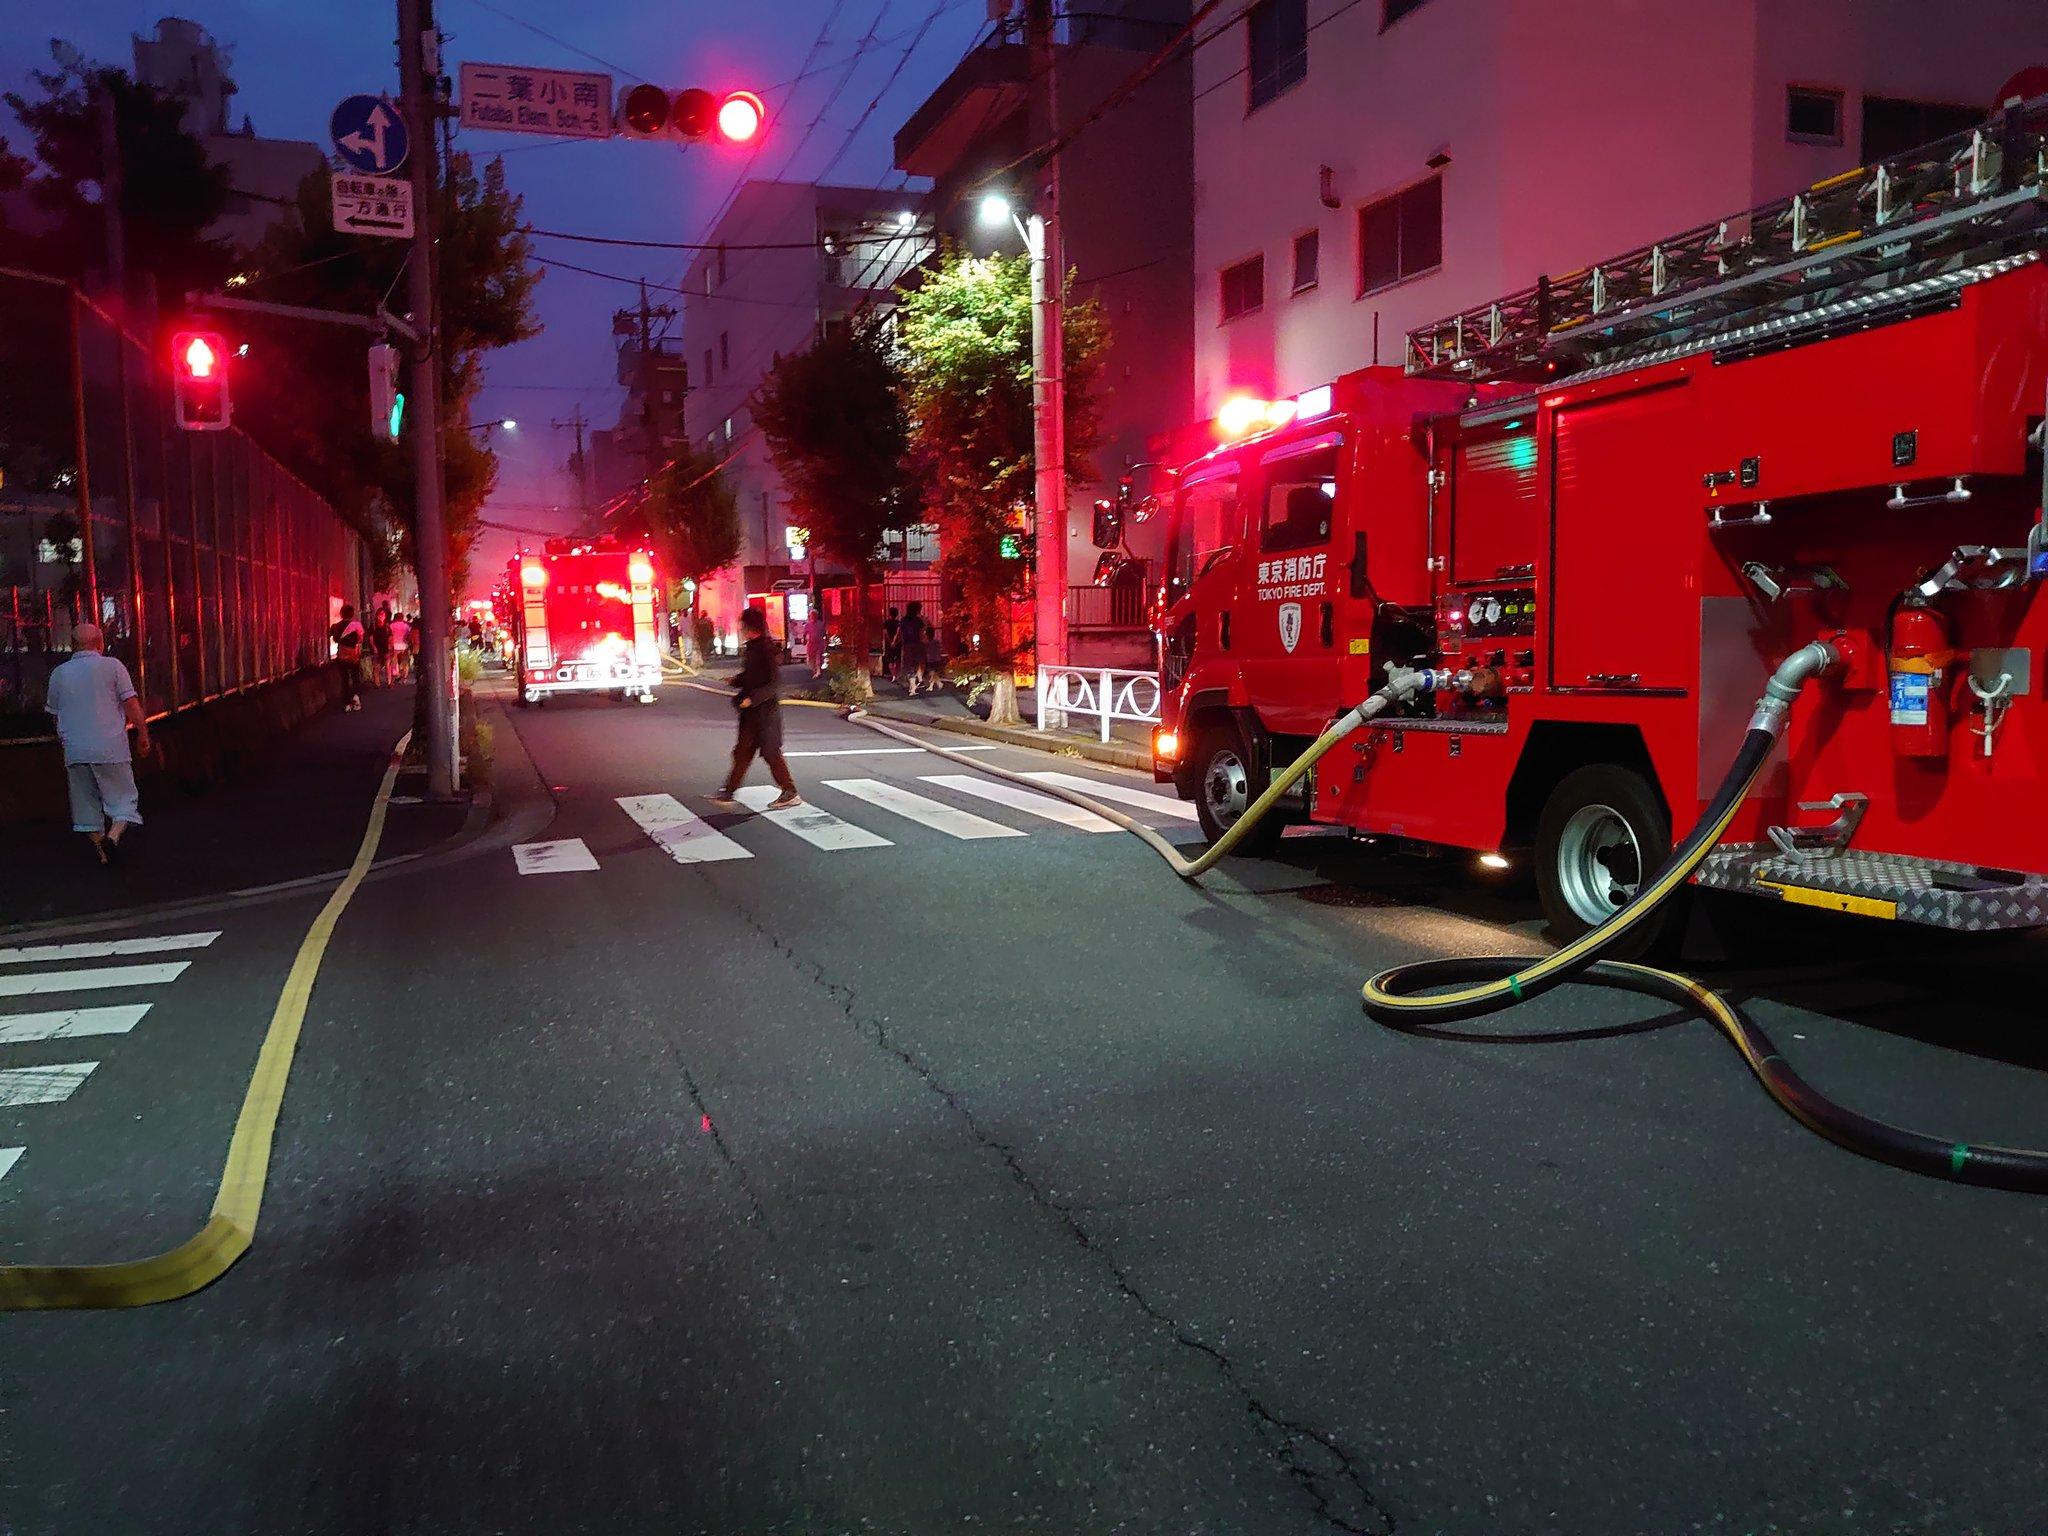 墨田区石原で火事が起きている現場の画像